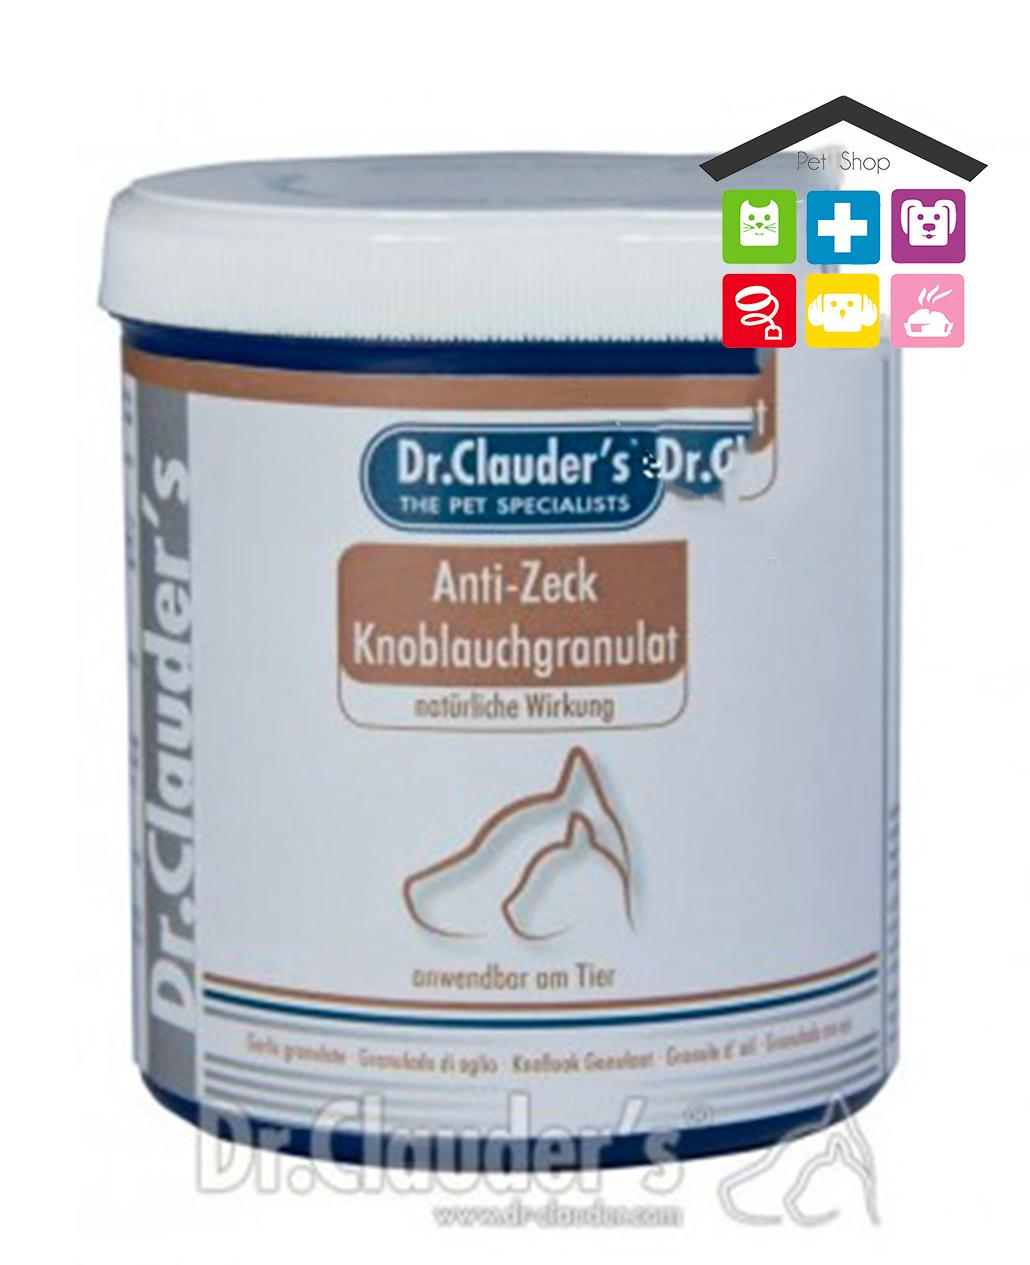 Dr.Clauder  granuli di aglio di 400g